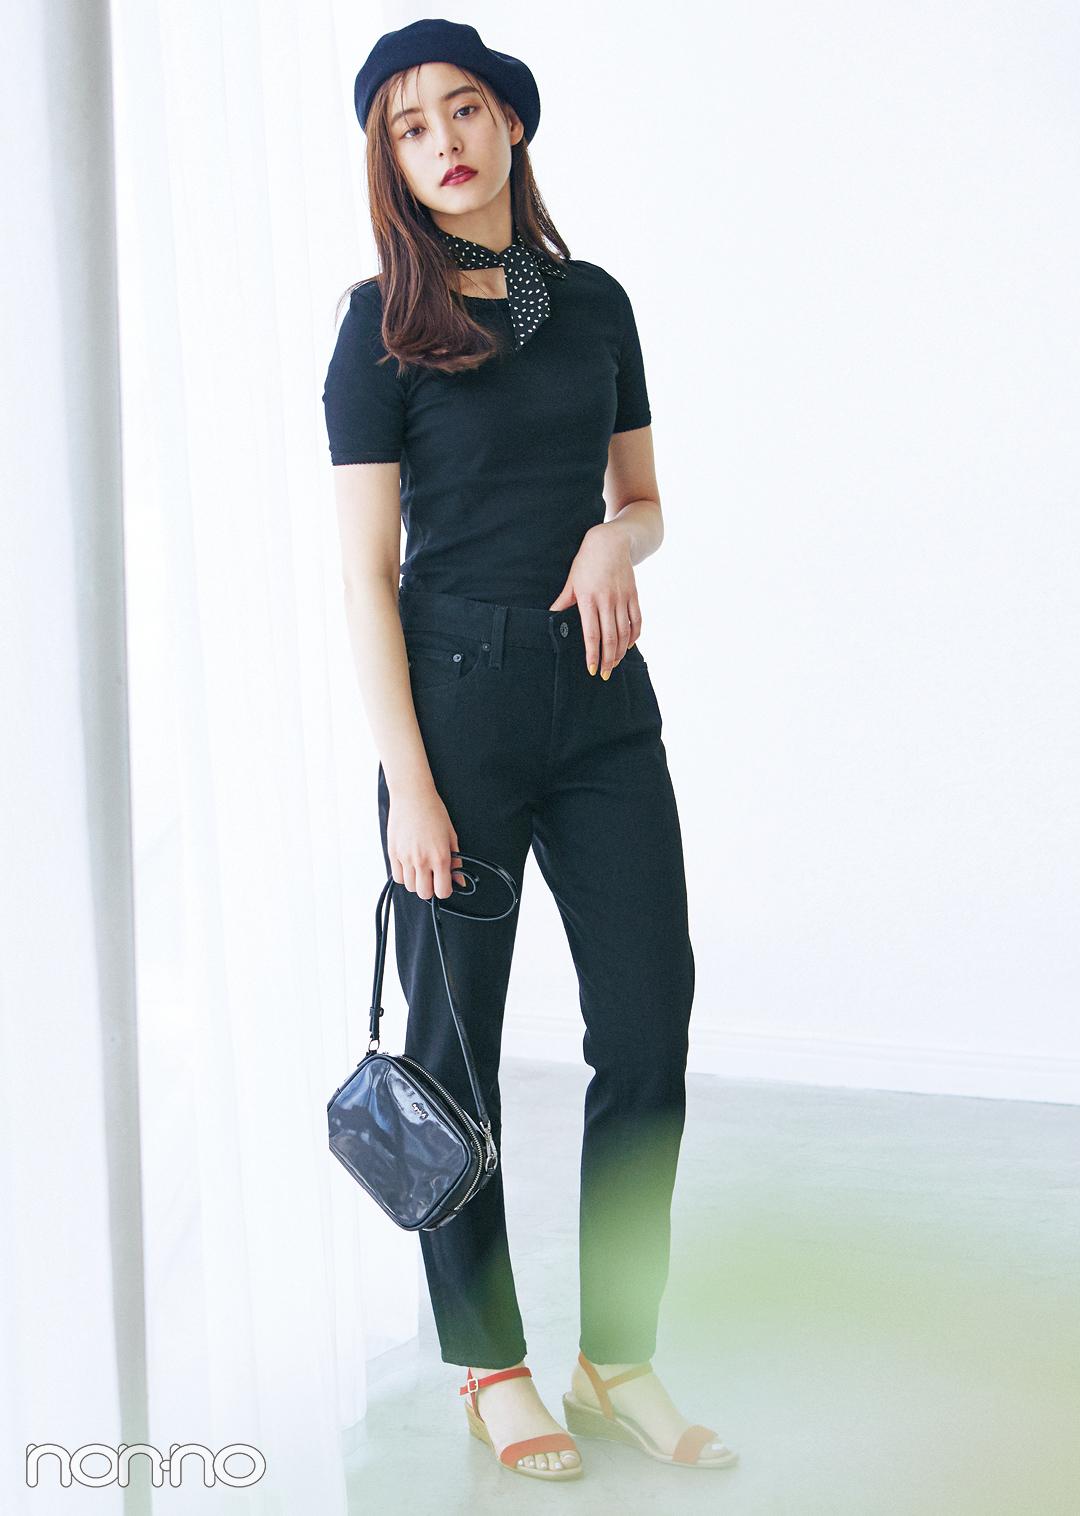 新木優子の最新黒コーデ♡ 赤を効かせてフレンチシックなスタイルに!_1_2